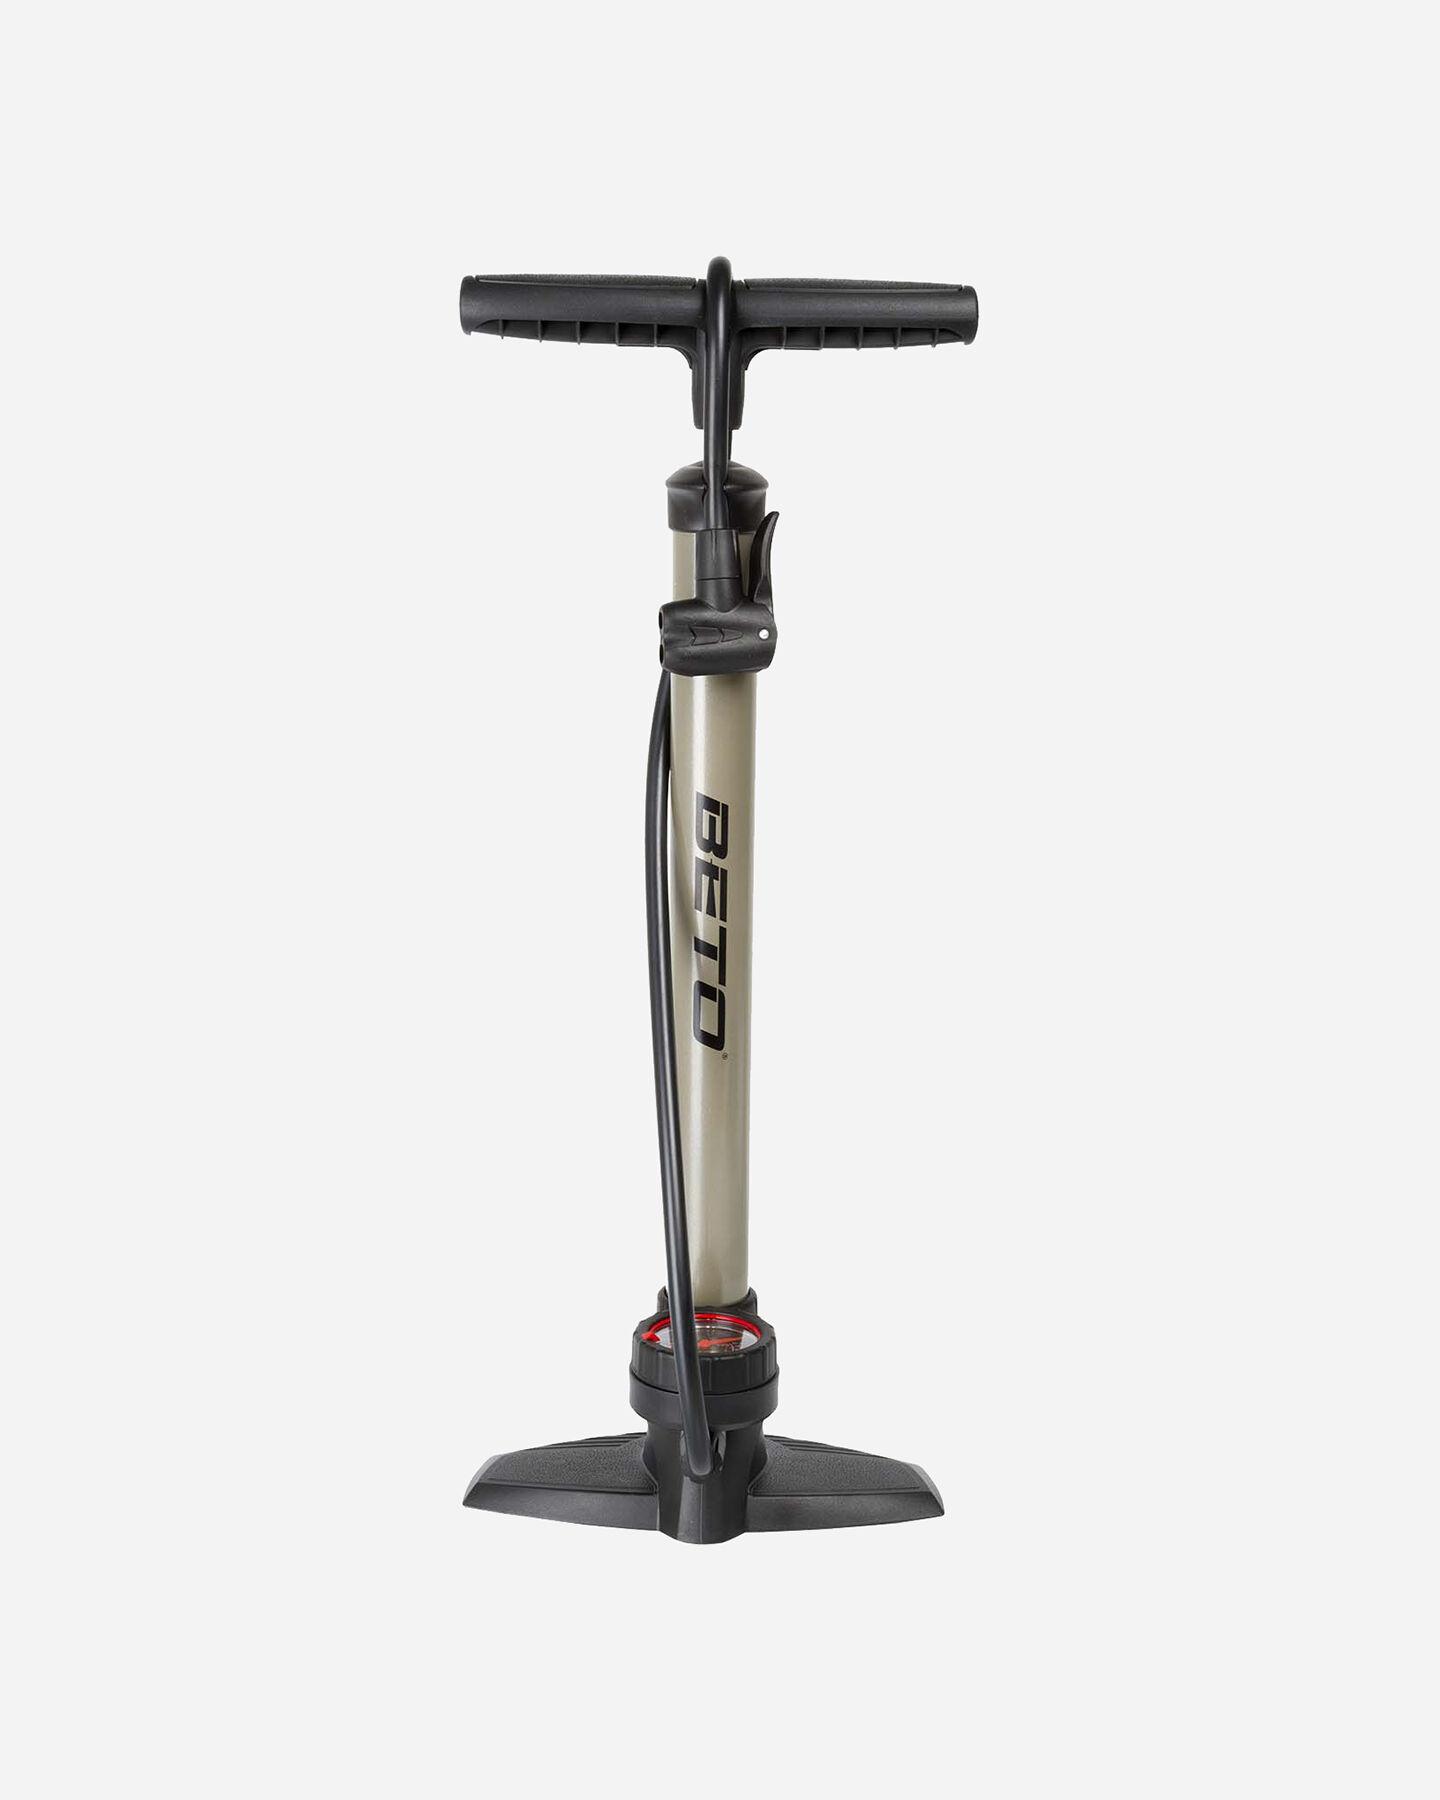 Pompa bici BONIN POMPA IN FERRO MANOMETRO S1326503 1 UNI scatto 0